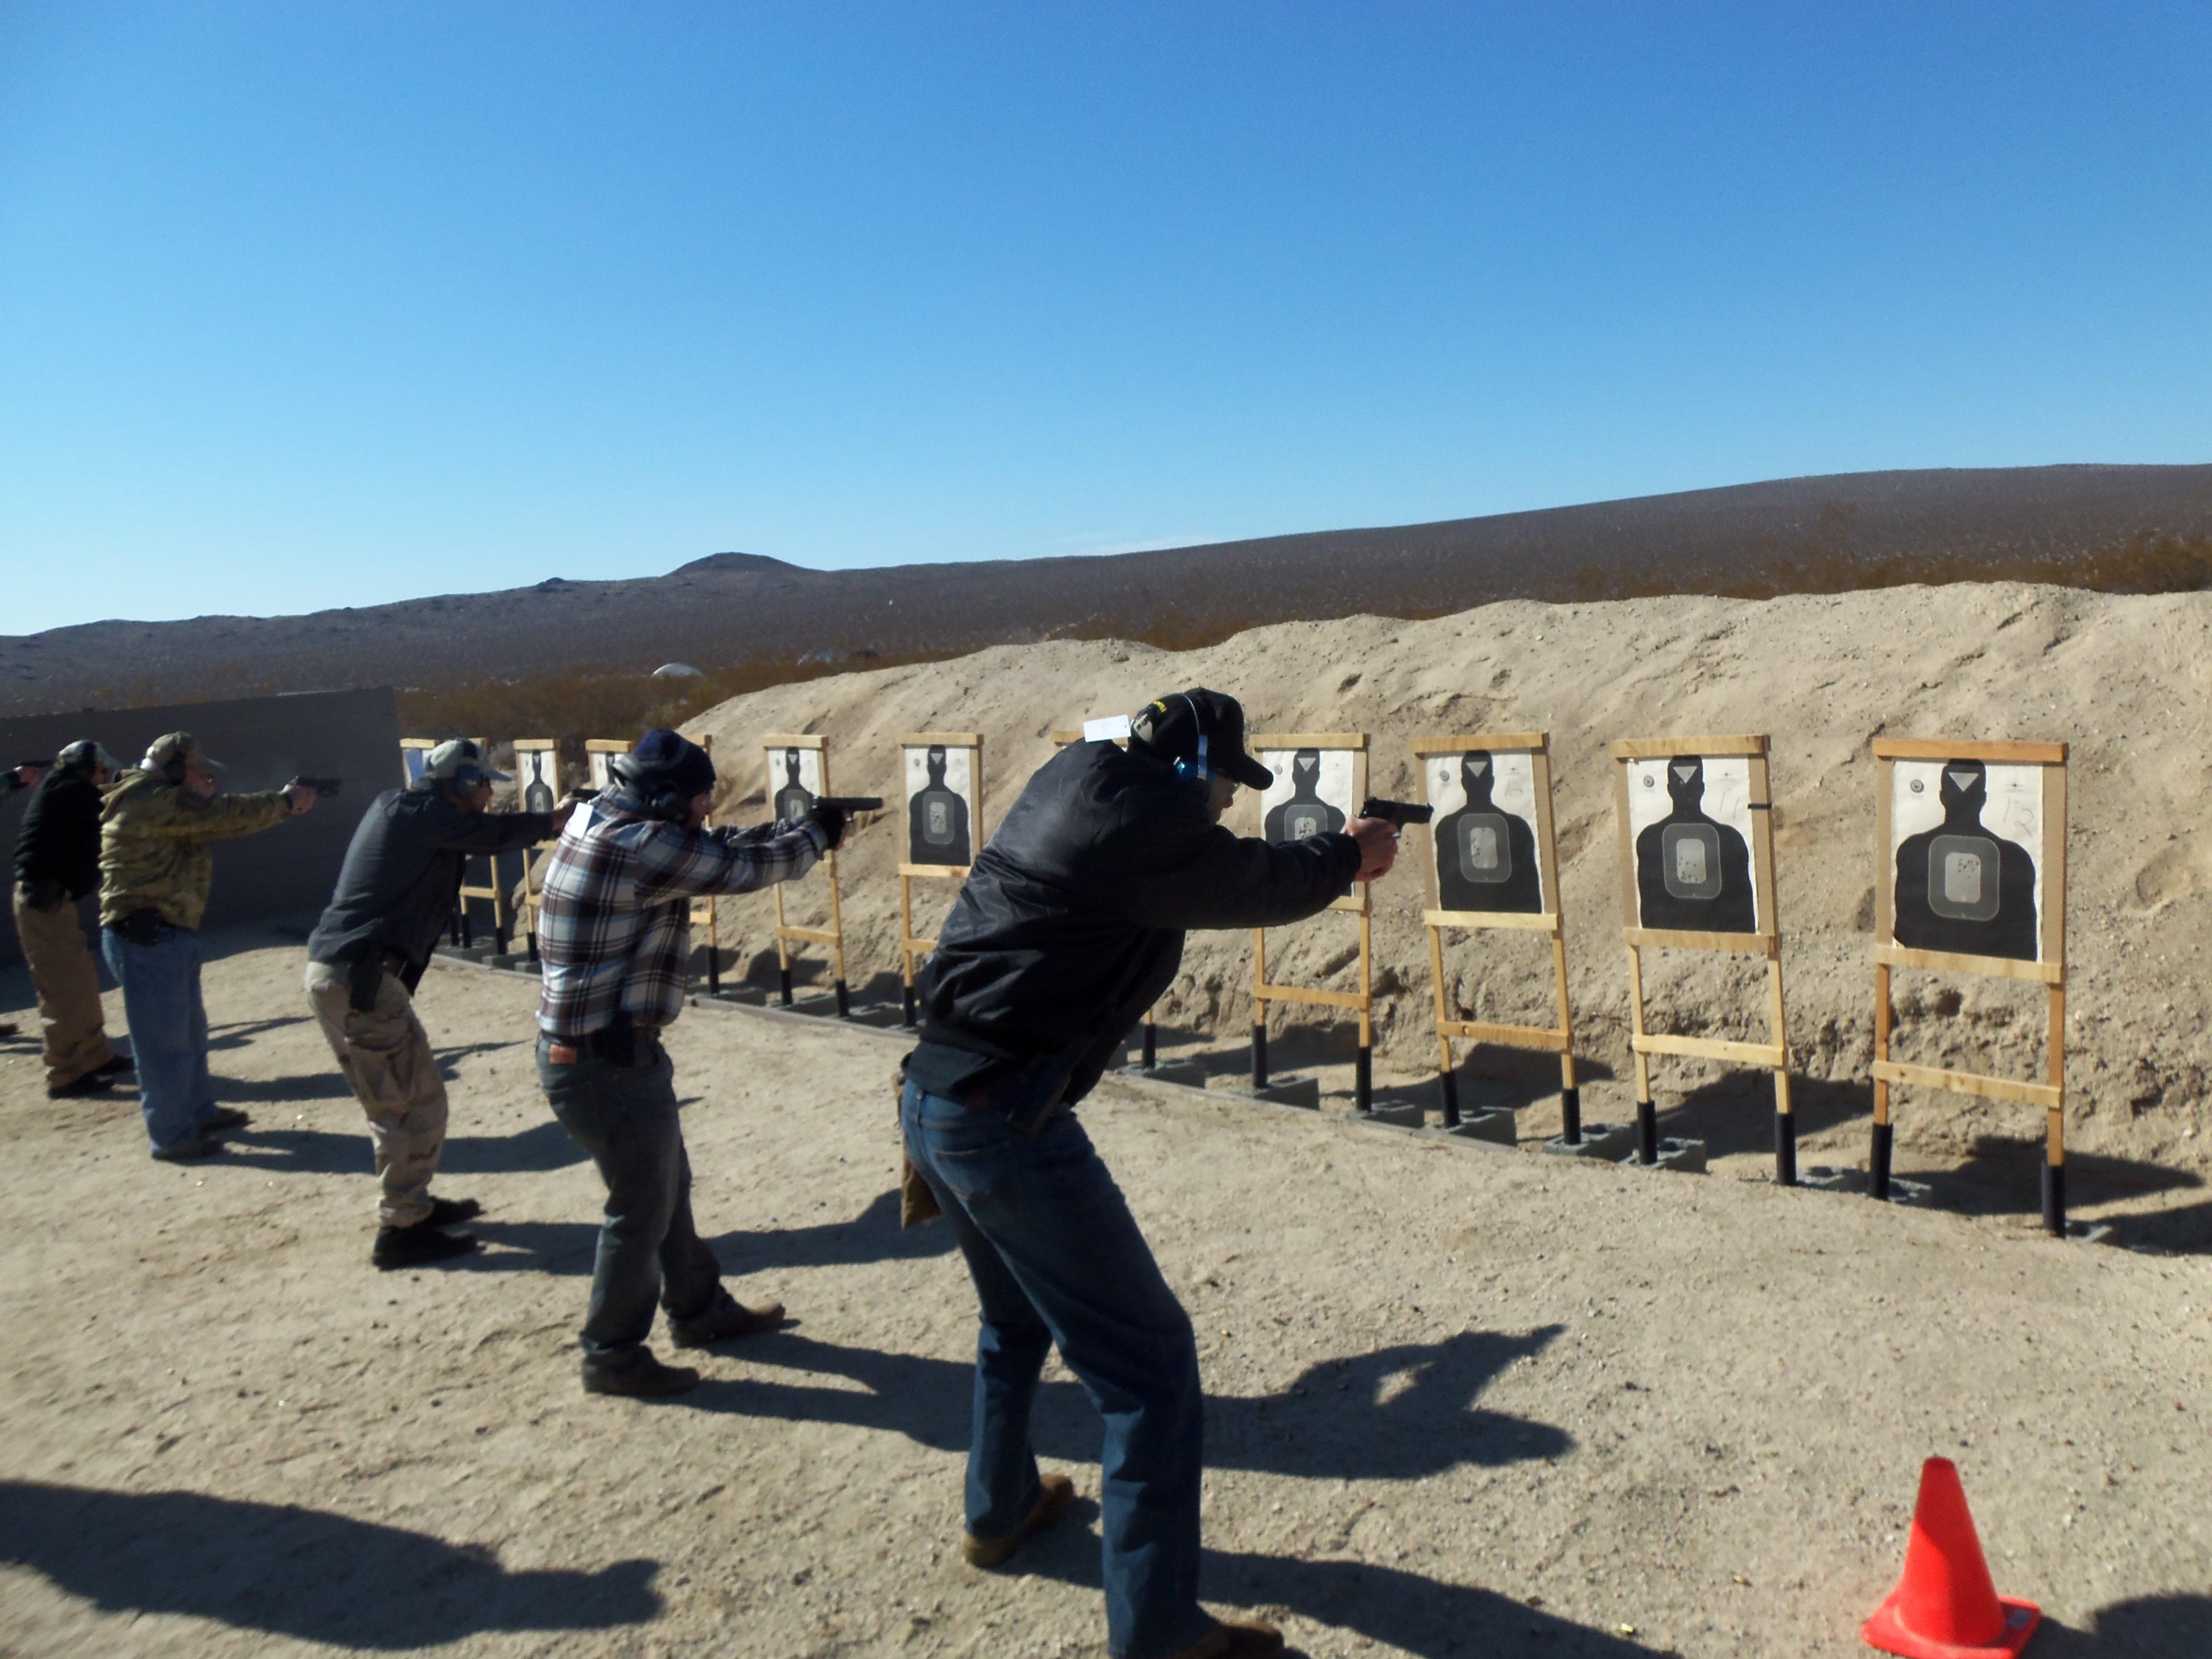 Defensive Handgun/Personal Security II